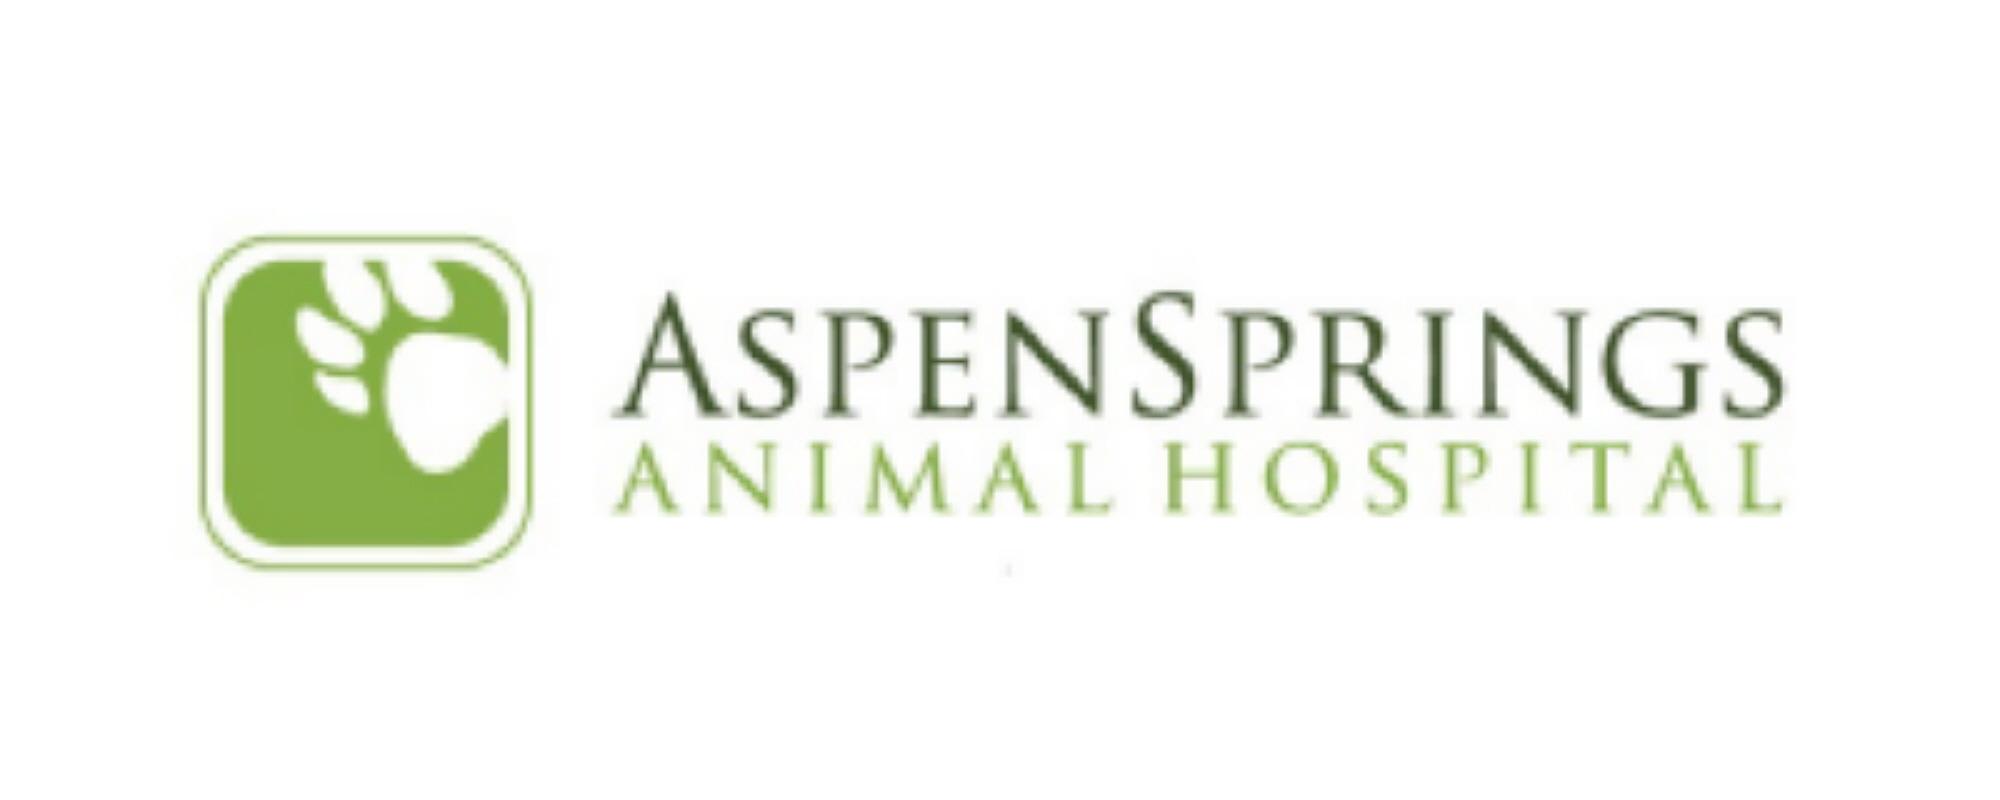 Aspen Springs Animal Hospital